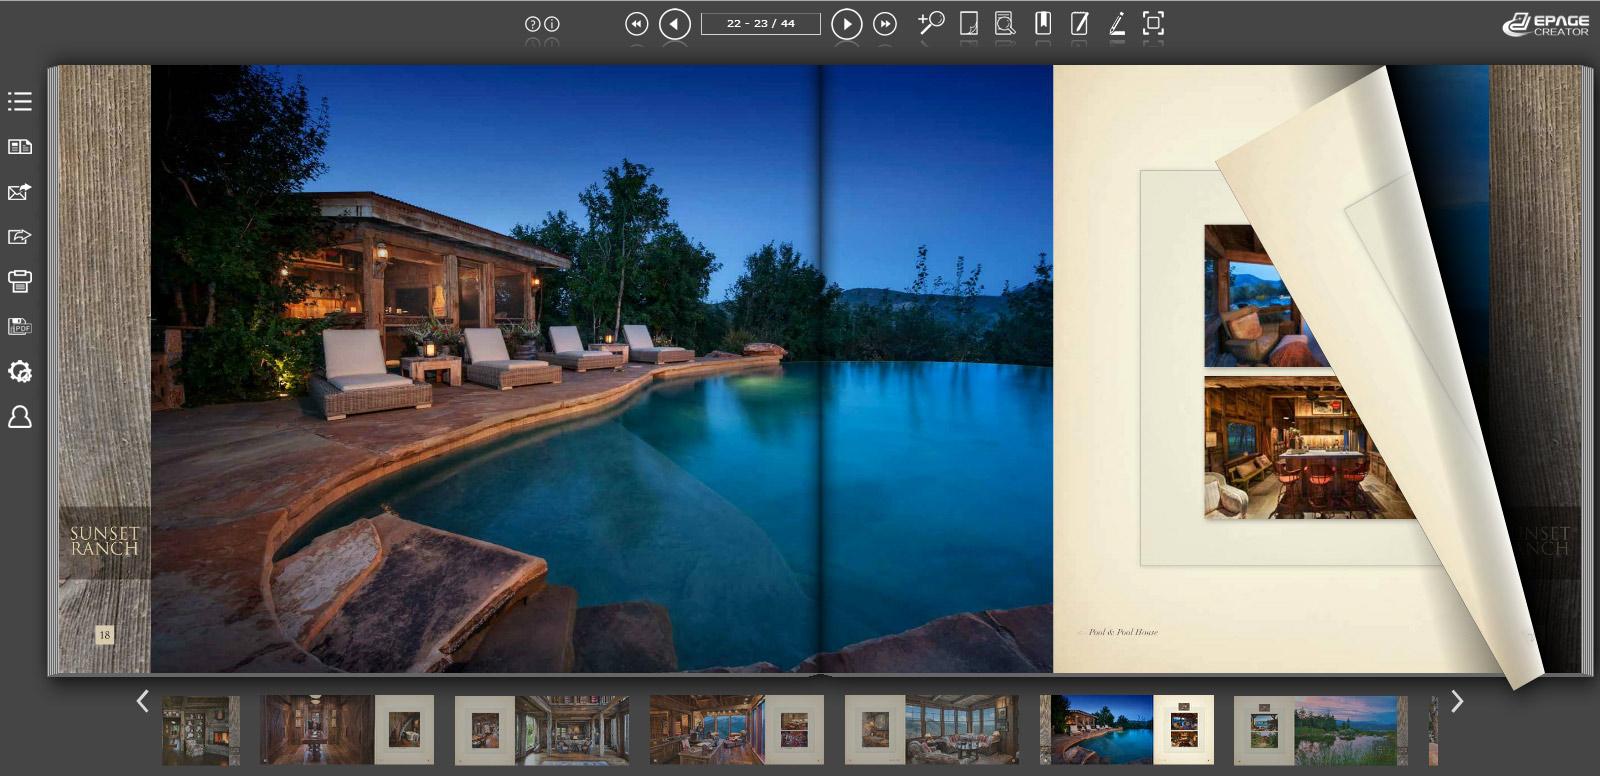 Flipbook Software